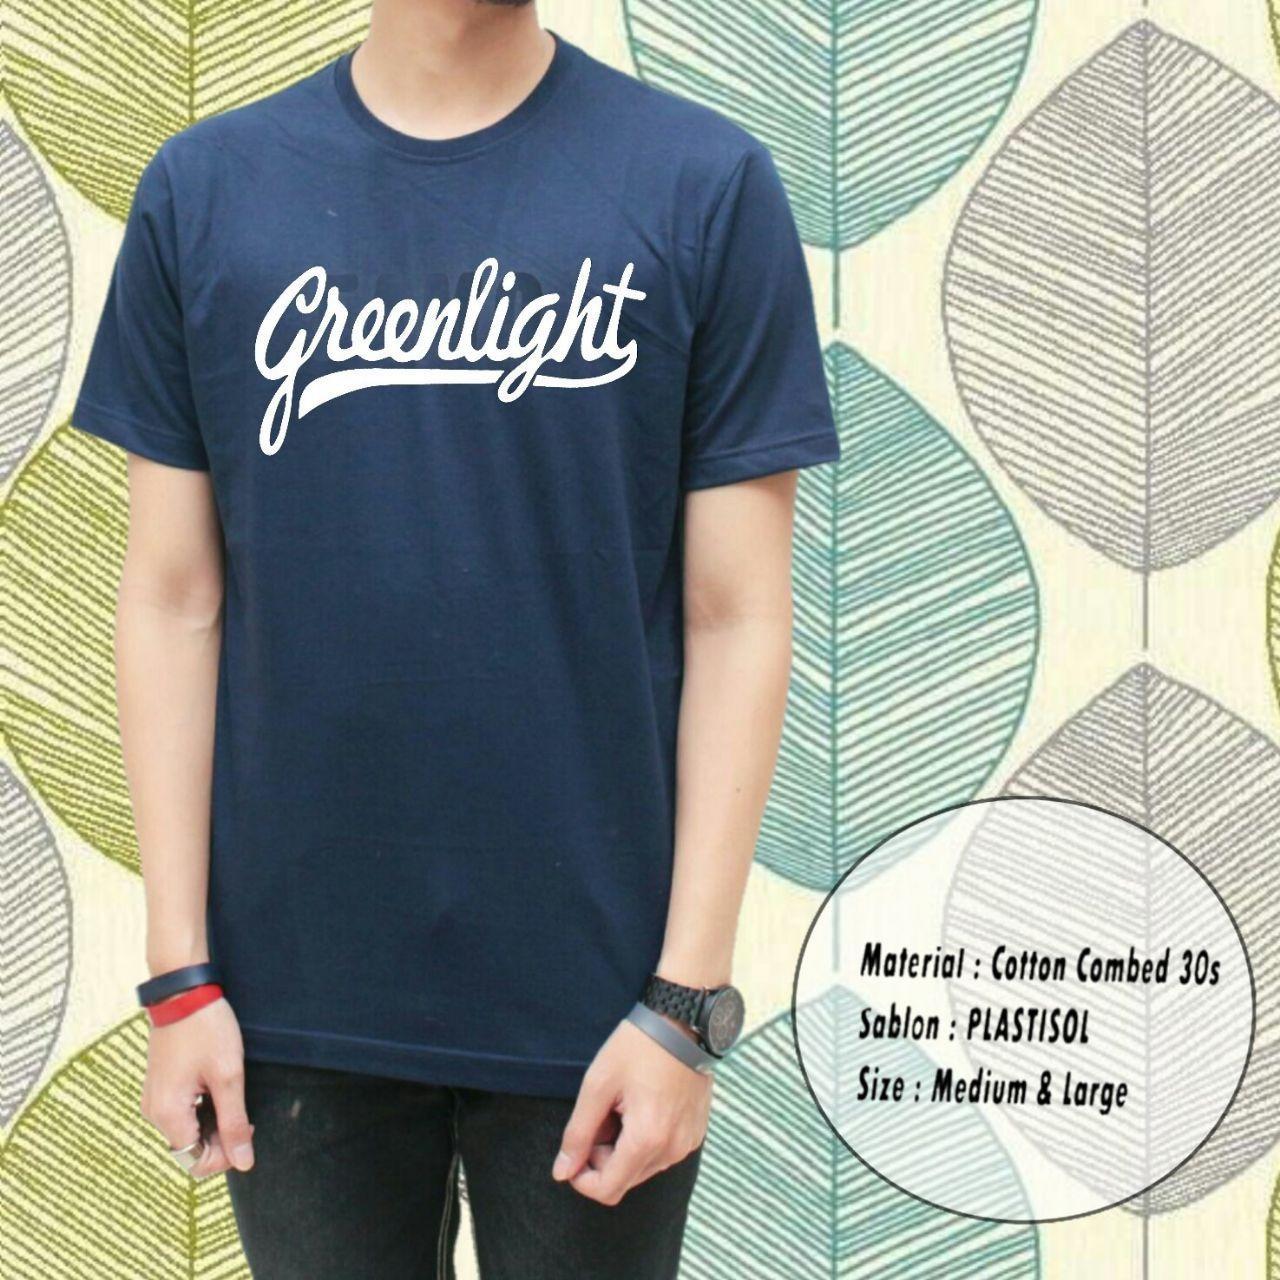 Jual Kaos Distro Greenlight Anak Muda Special Terbaru Kaos Distro Branded